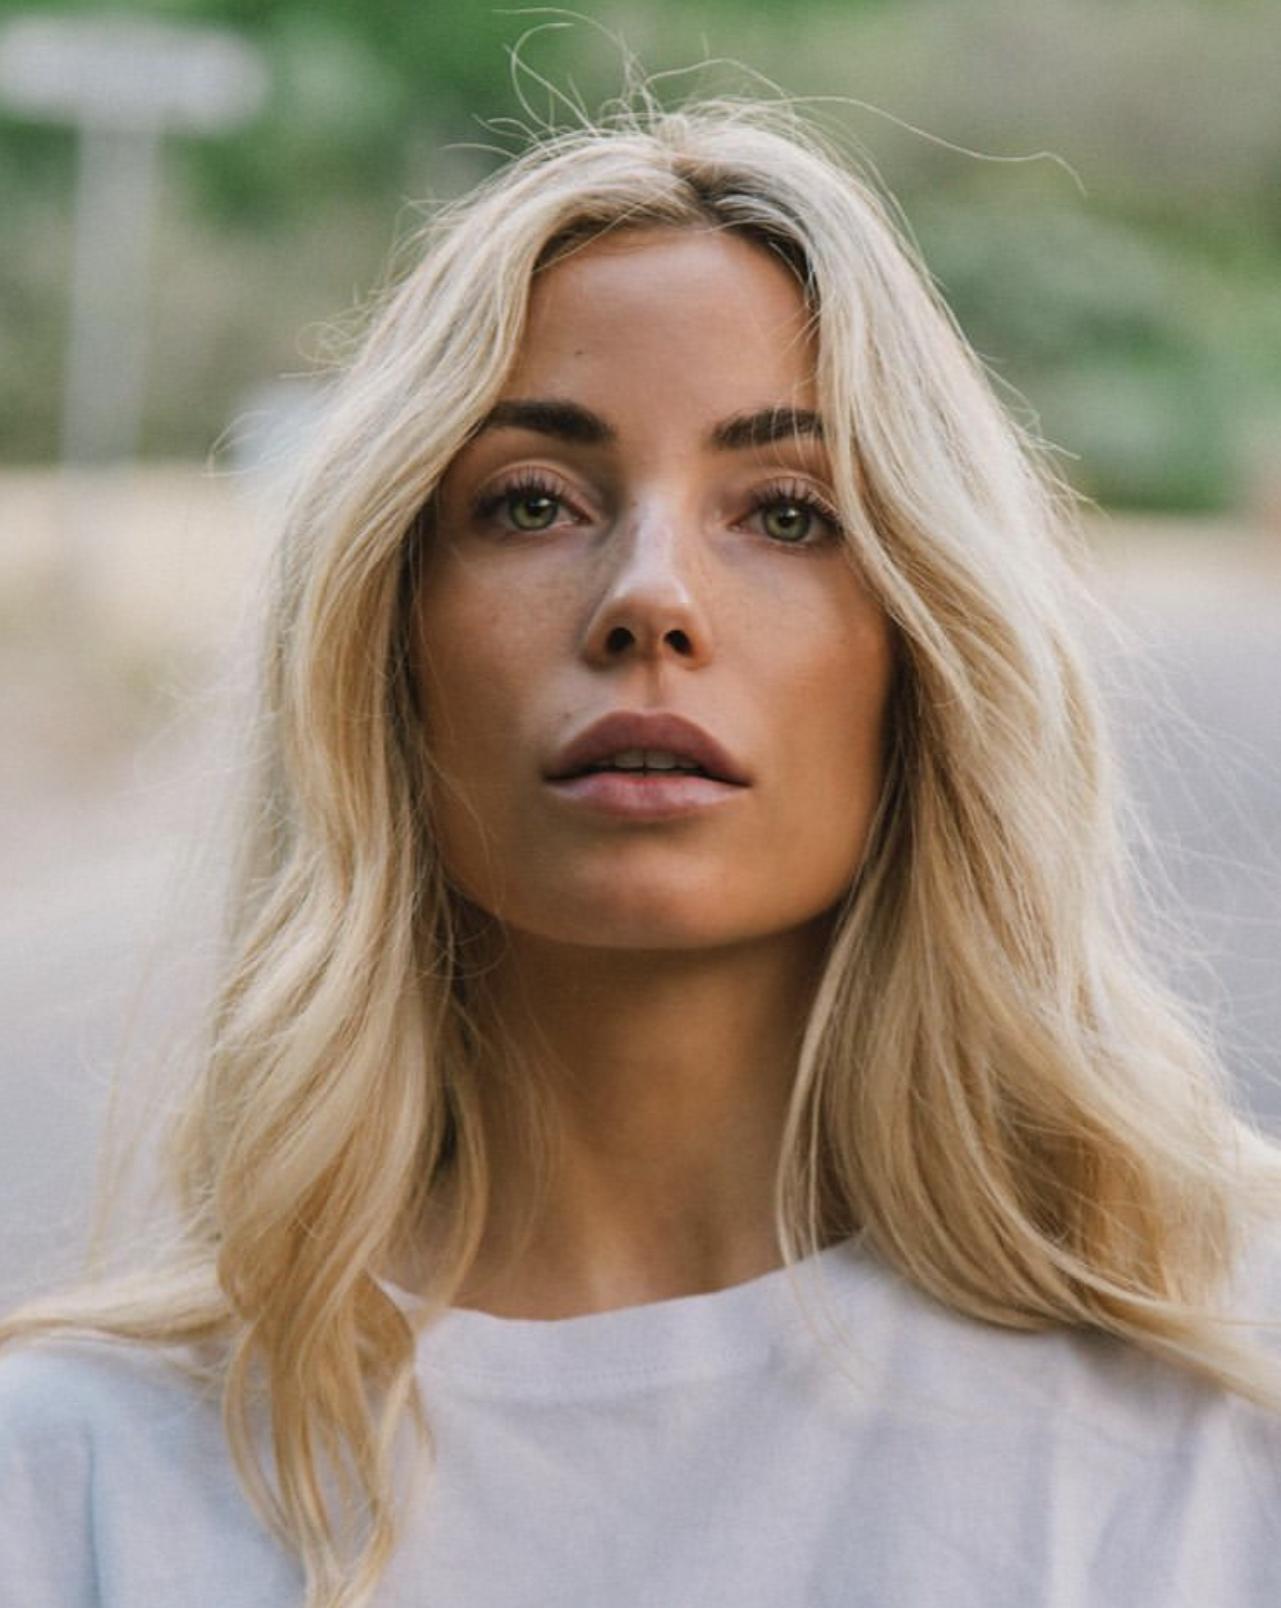 Лаура Бенсхоп — криминолог по образованию и возлюбленная полузащитника «Аякса» Дэви Классена